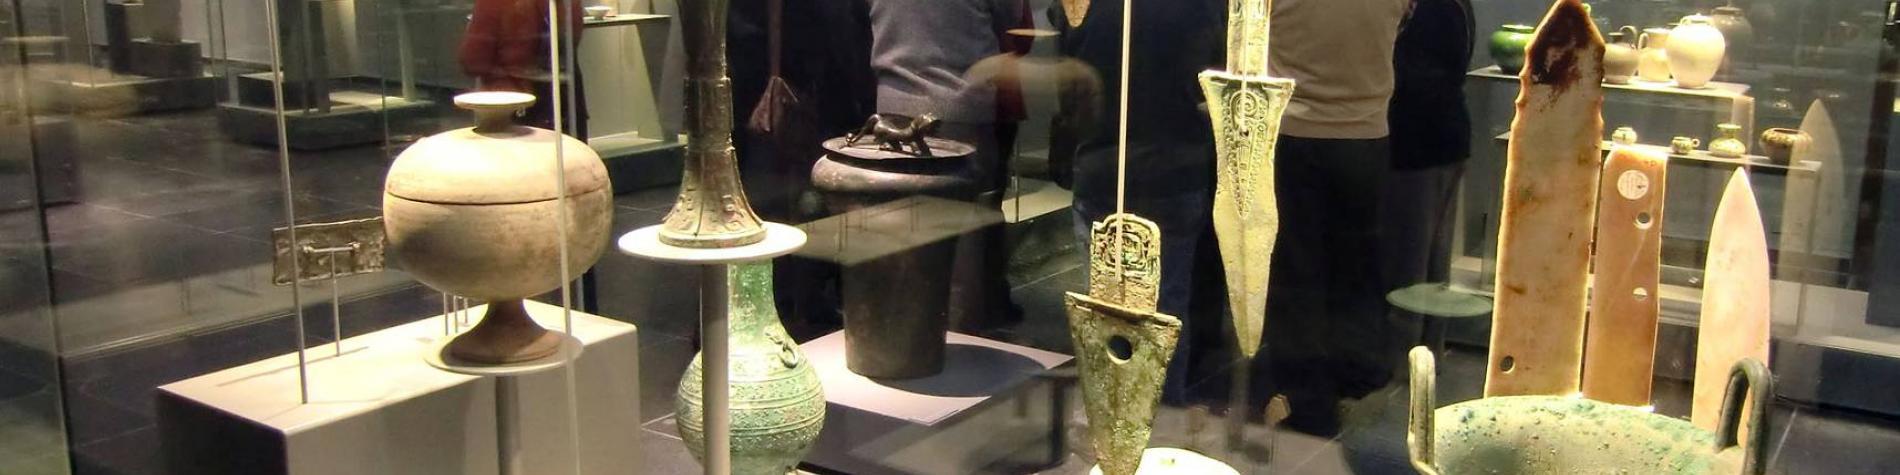 Discover the Musée Royal de Mariemont in Morlanwelz